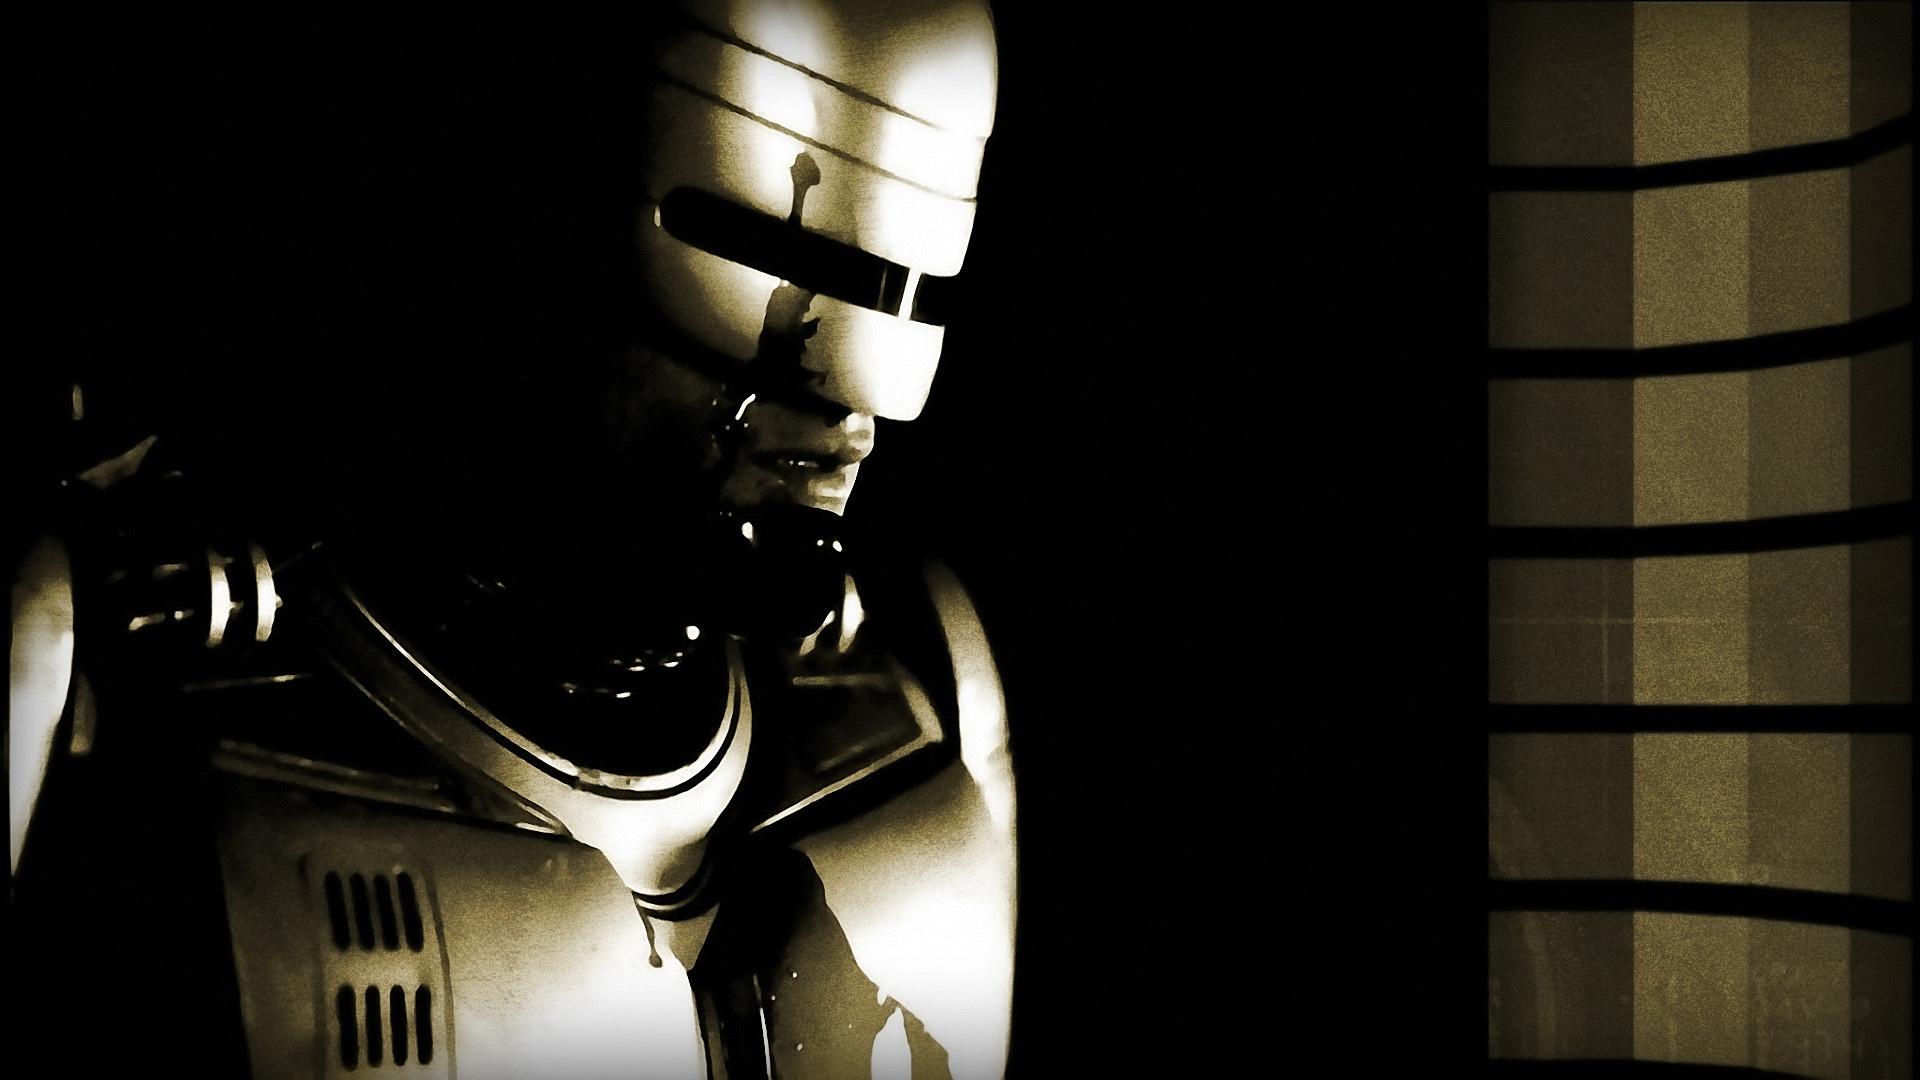 Кадры из фильма фото из сериала молодёжка.